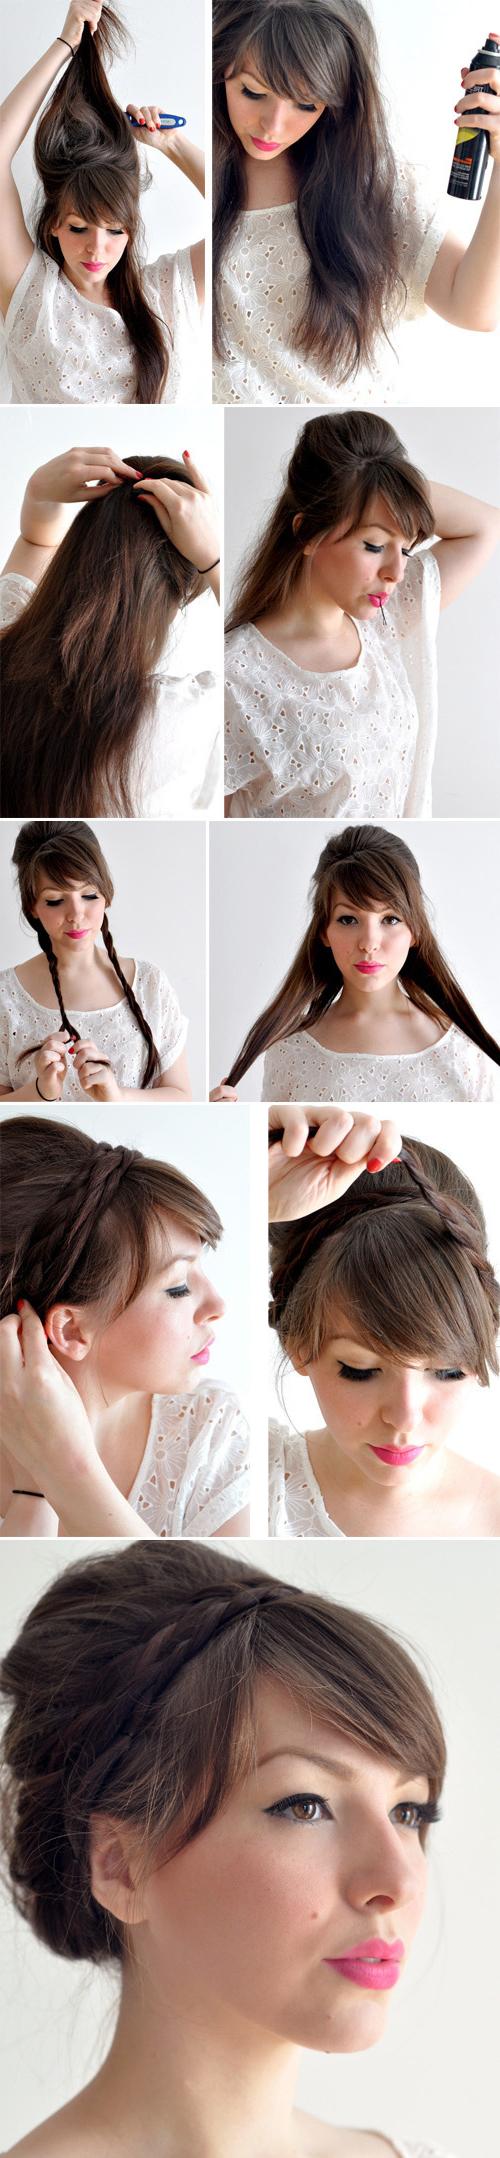 Peinados recogidos con trenzas facil y bonito para verano - Peinados recogidos con trenzas ...